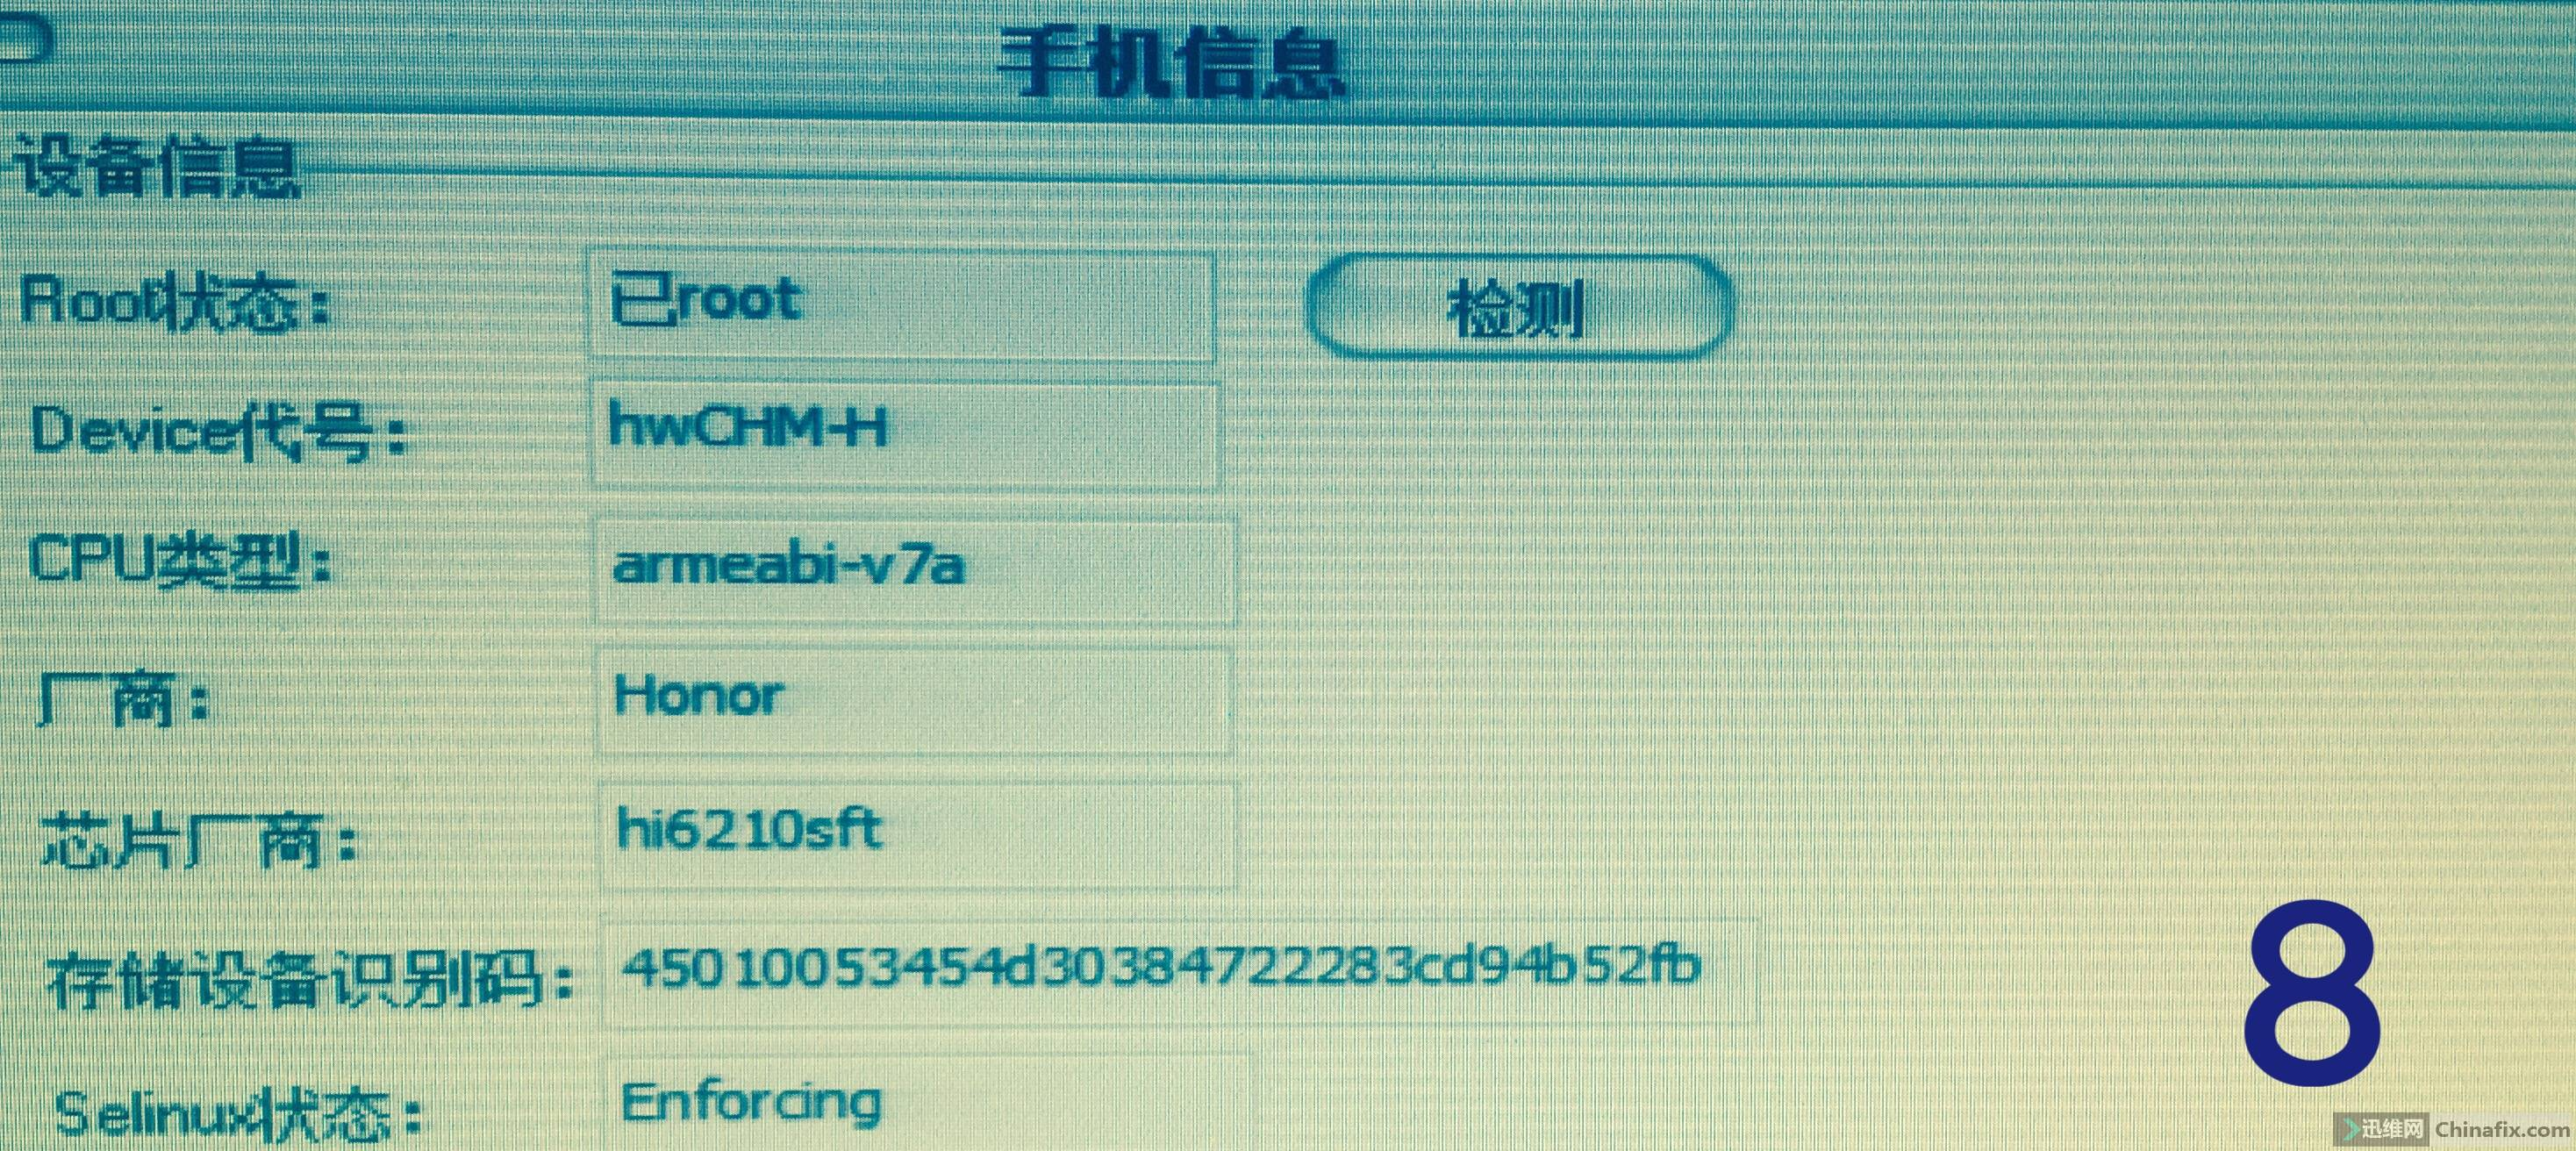 手机重启 检测已经获取root权限